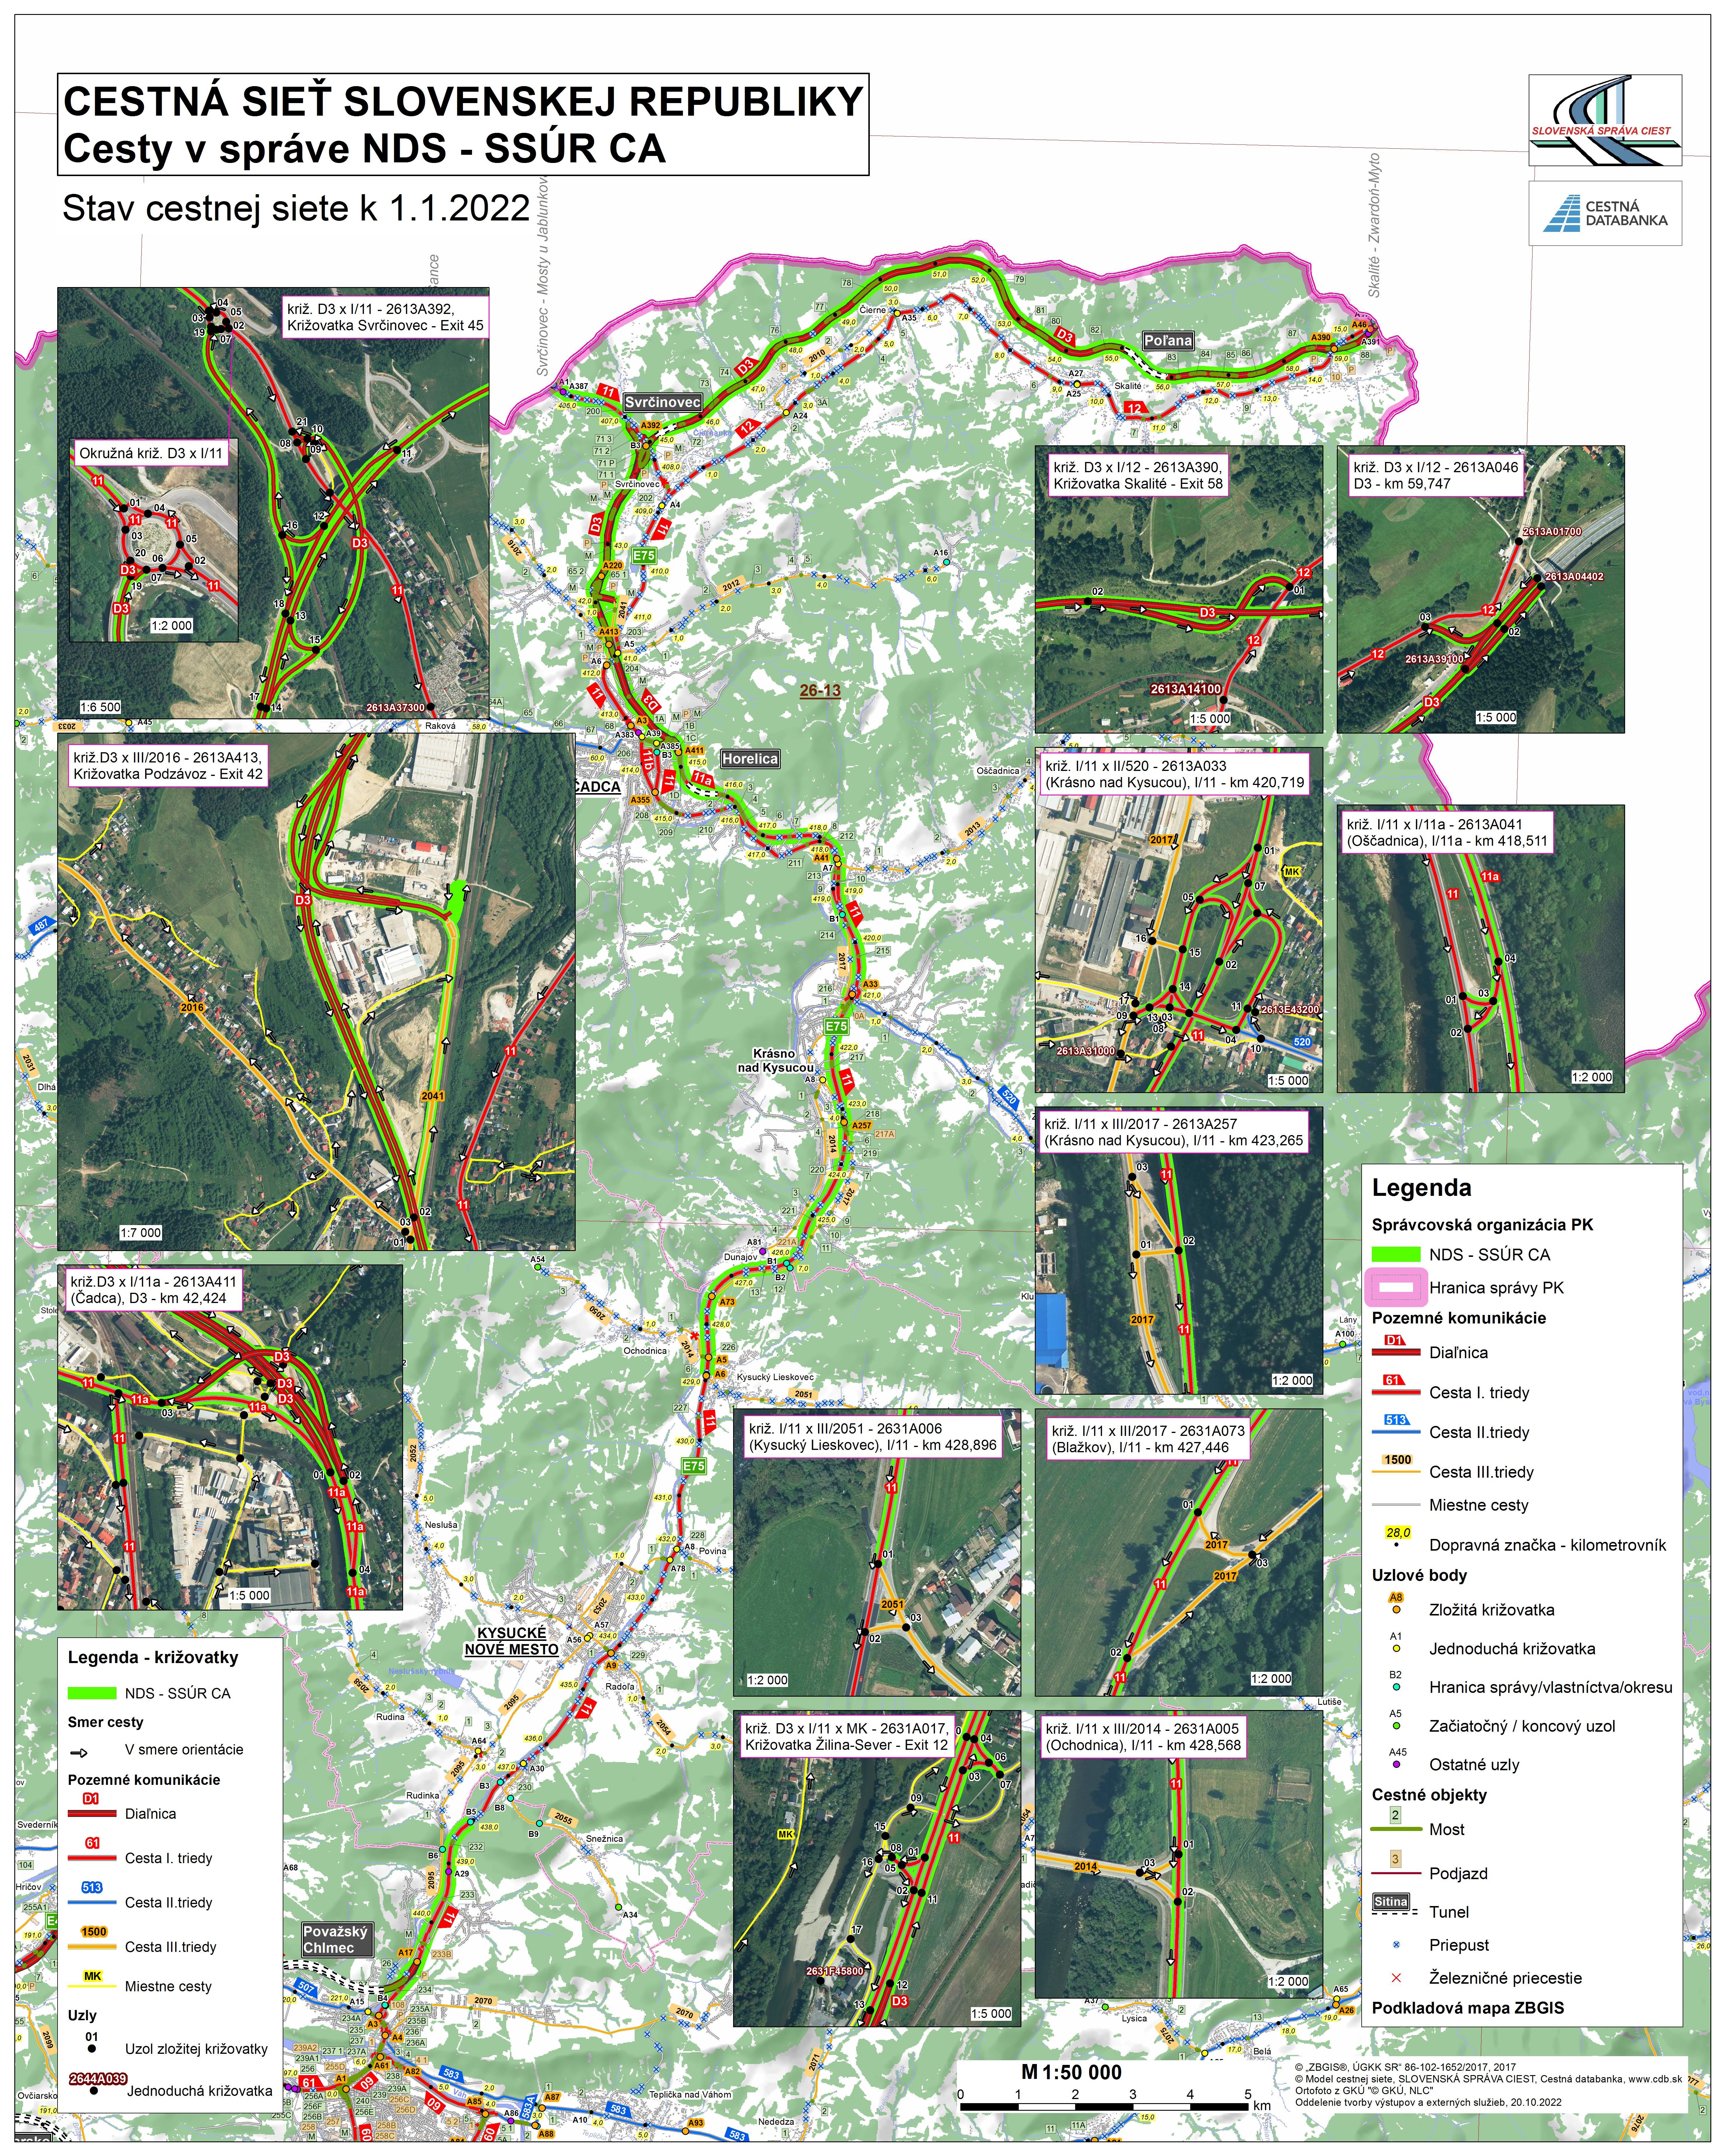 Automapa Europa Planovanie Ciest Christopherking337w